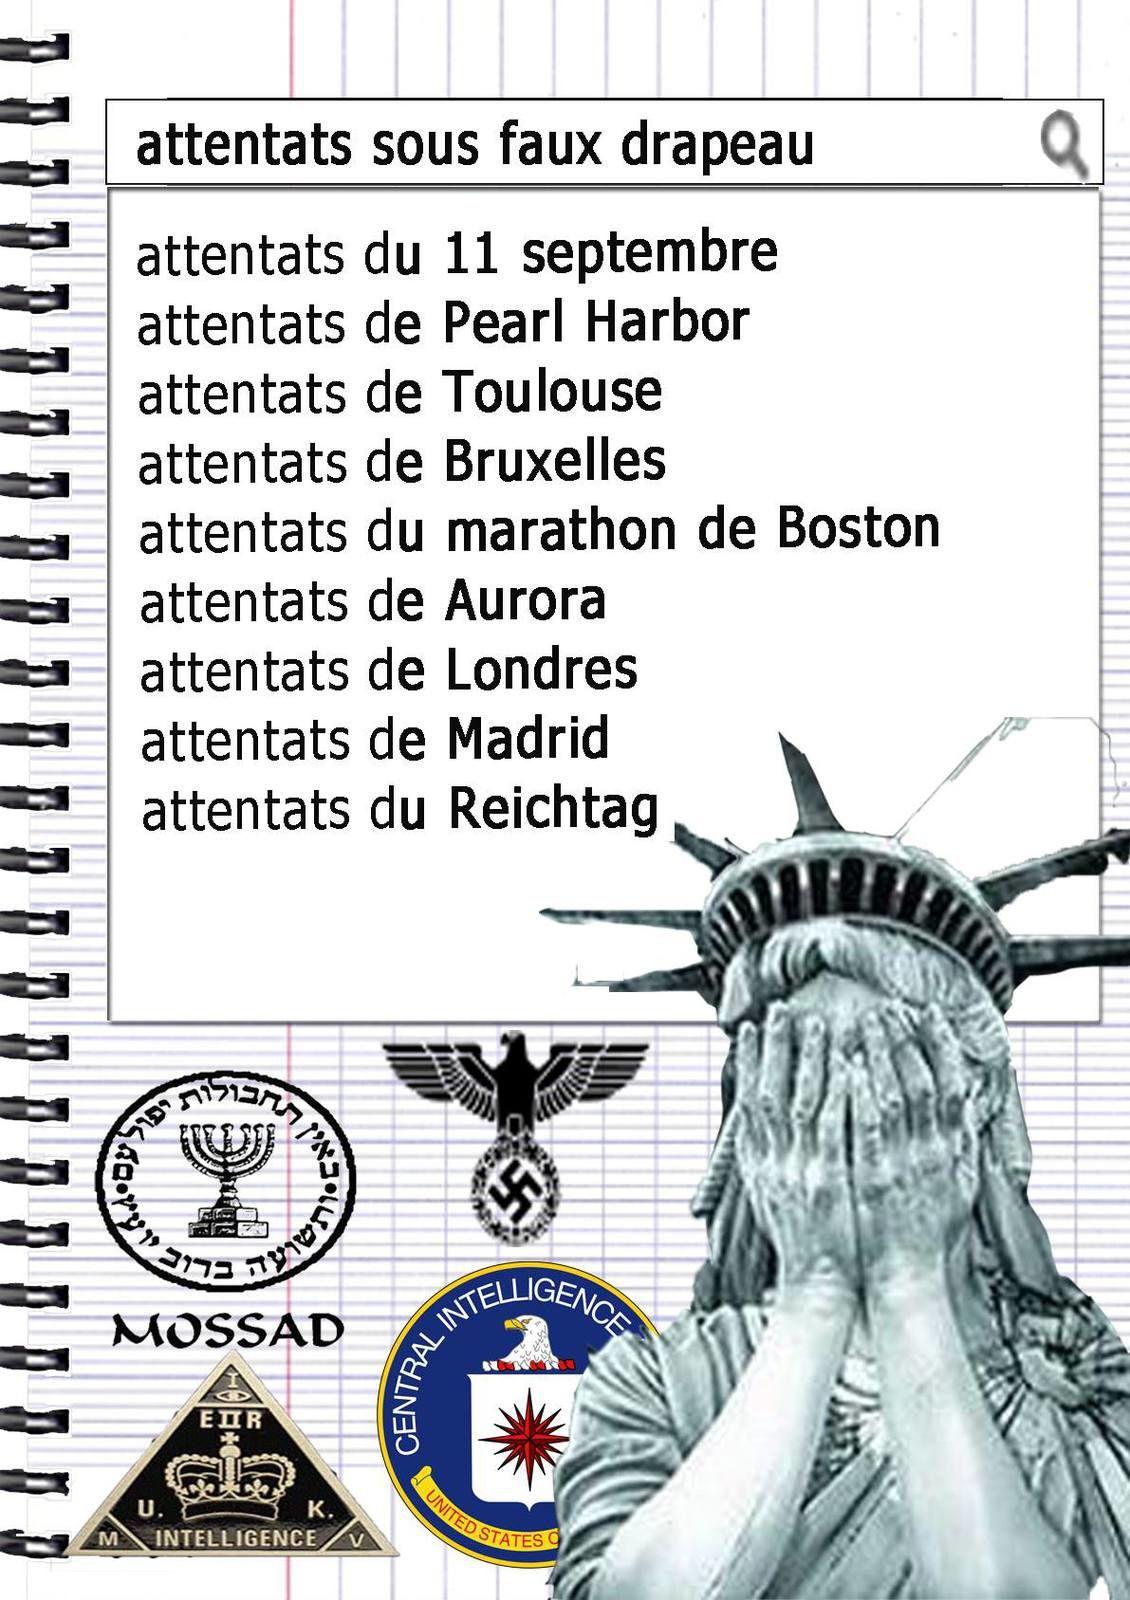 Attaques sous faux drapeau et opérations &quot&#x3B; Gladio &quot&#x3B;